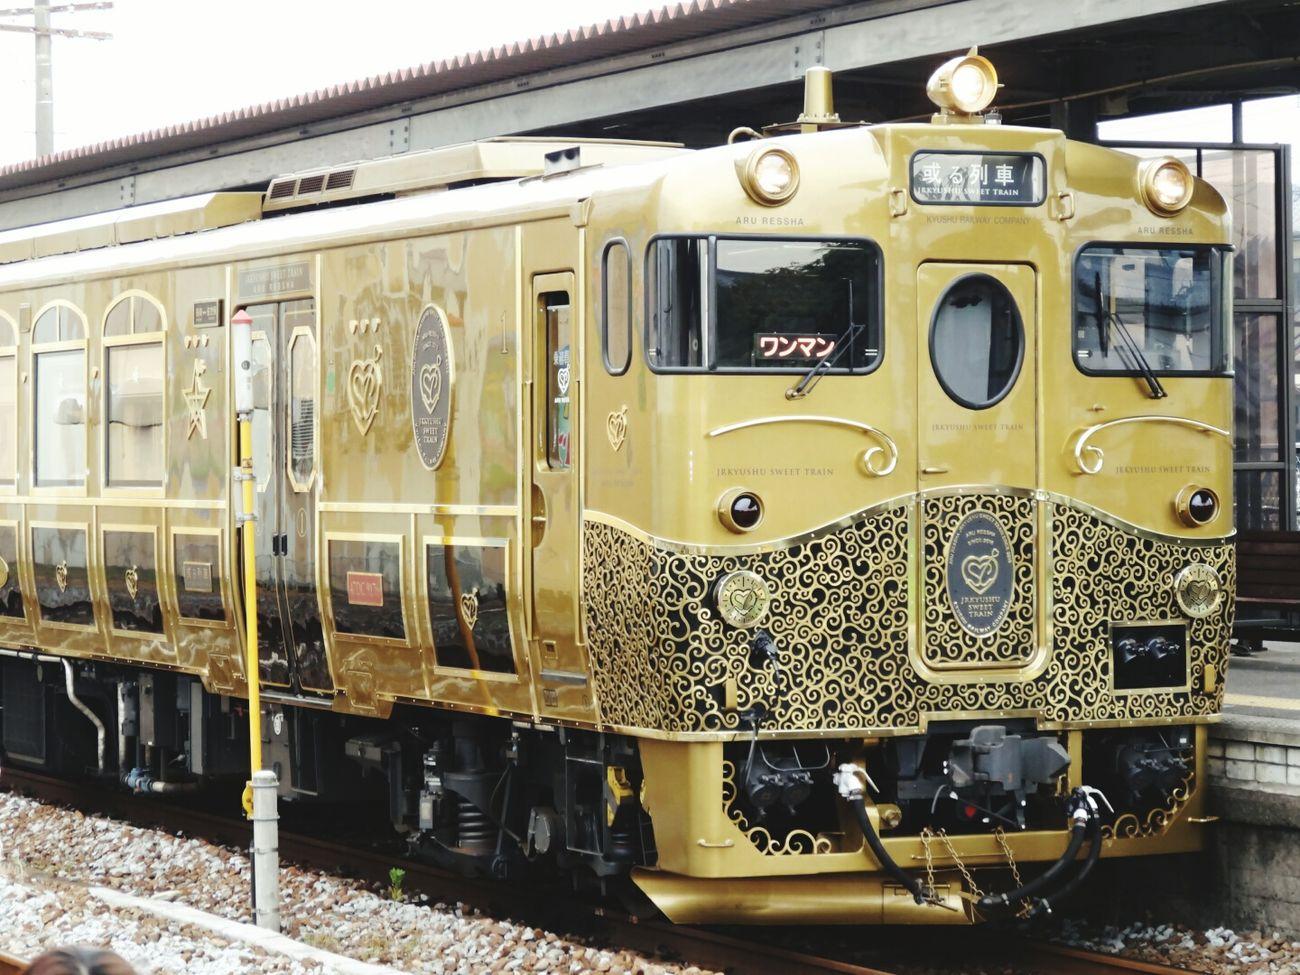 或る列車 スィーツ列車 長崎↔佐世保 二万円 ‼(•'Д'• ۶)۶